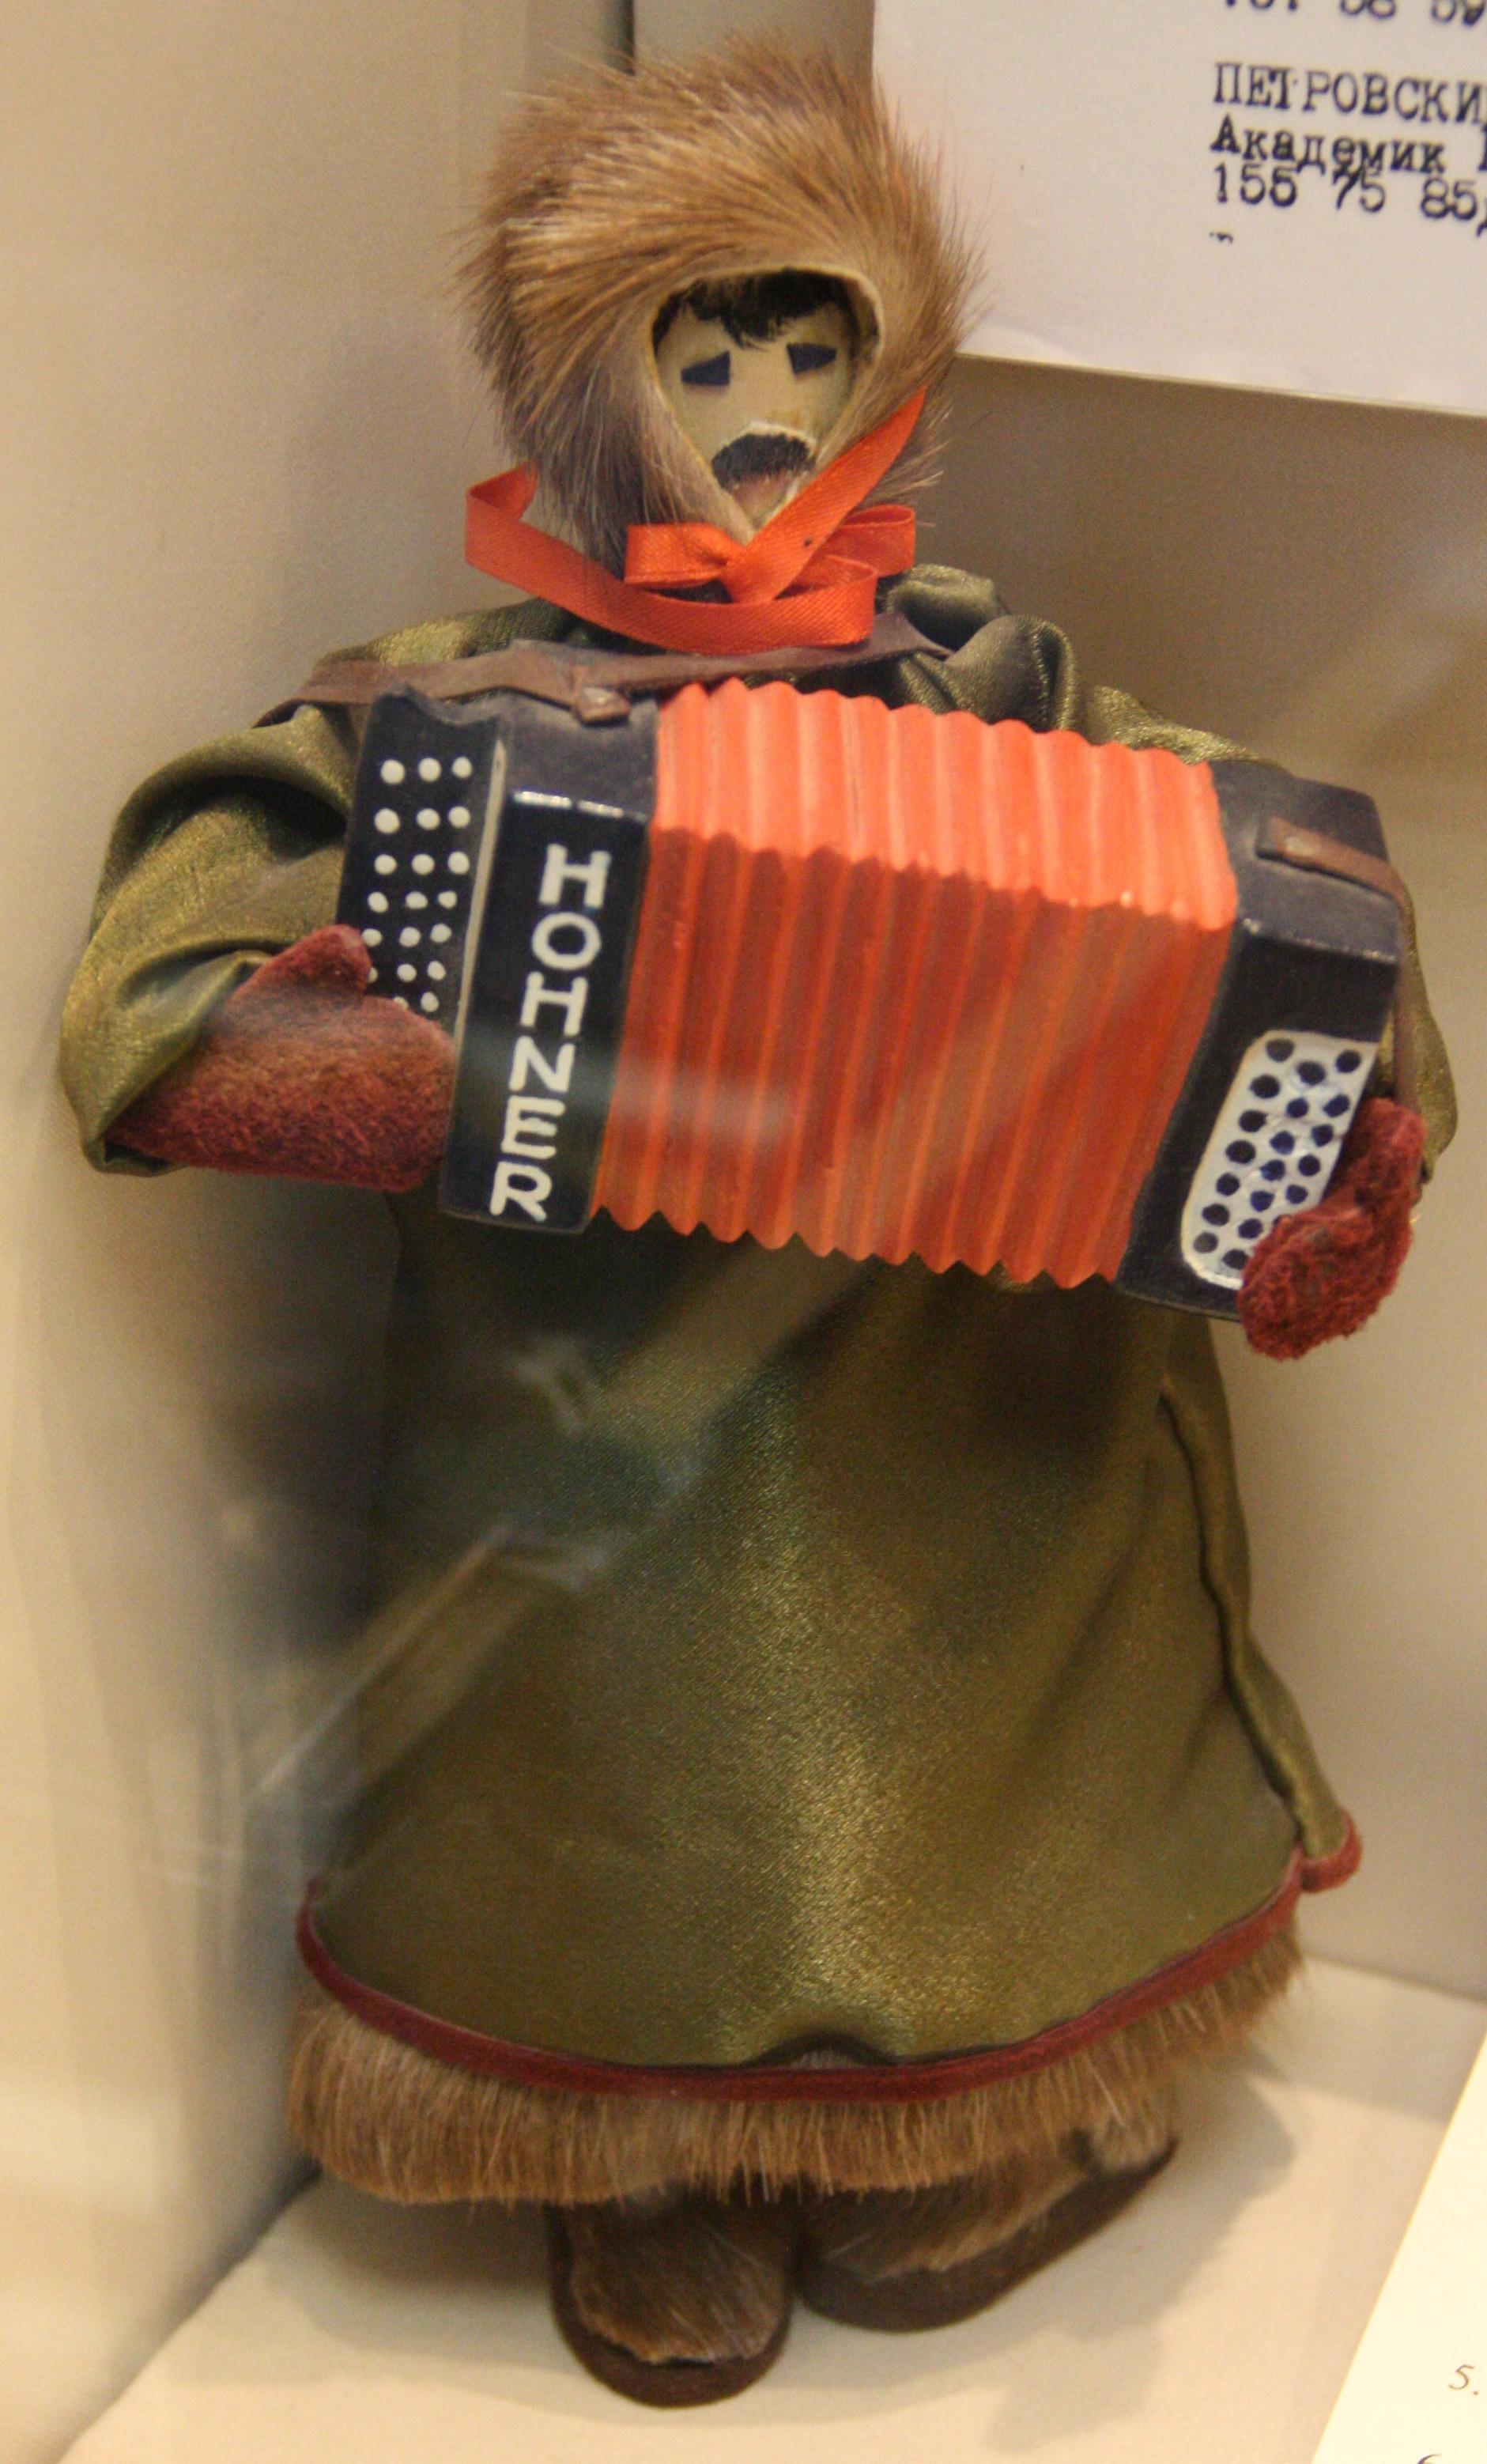 Гармоника — Душа России: музей русской гармоники в Москве. 409007.jpeg